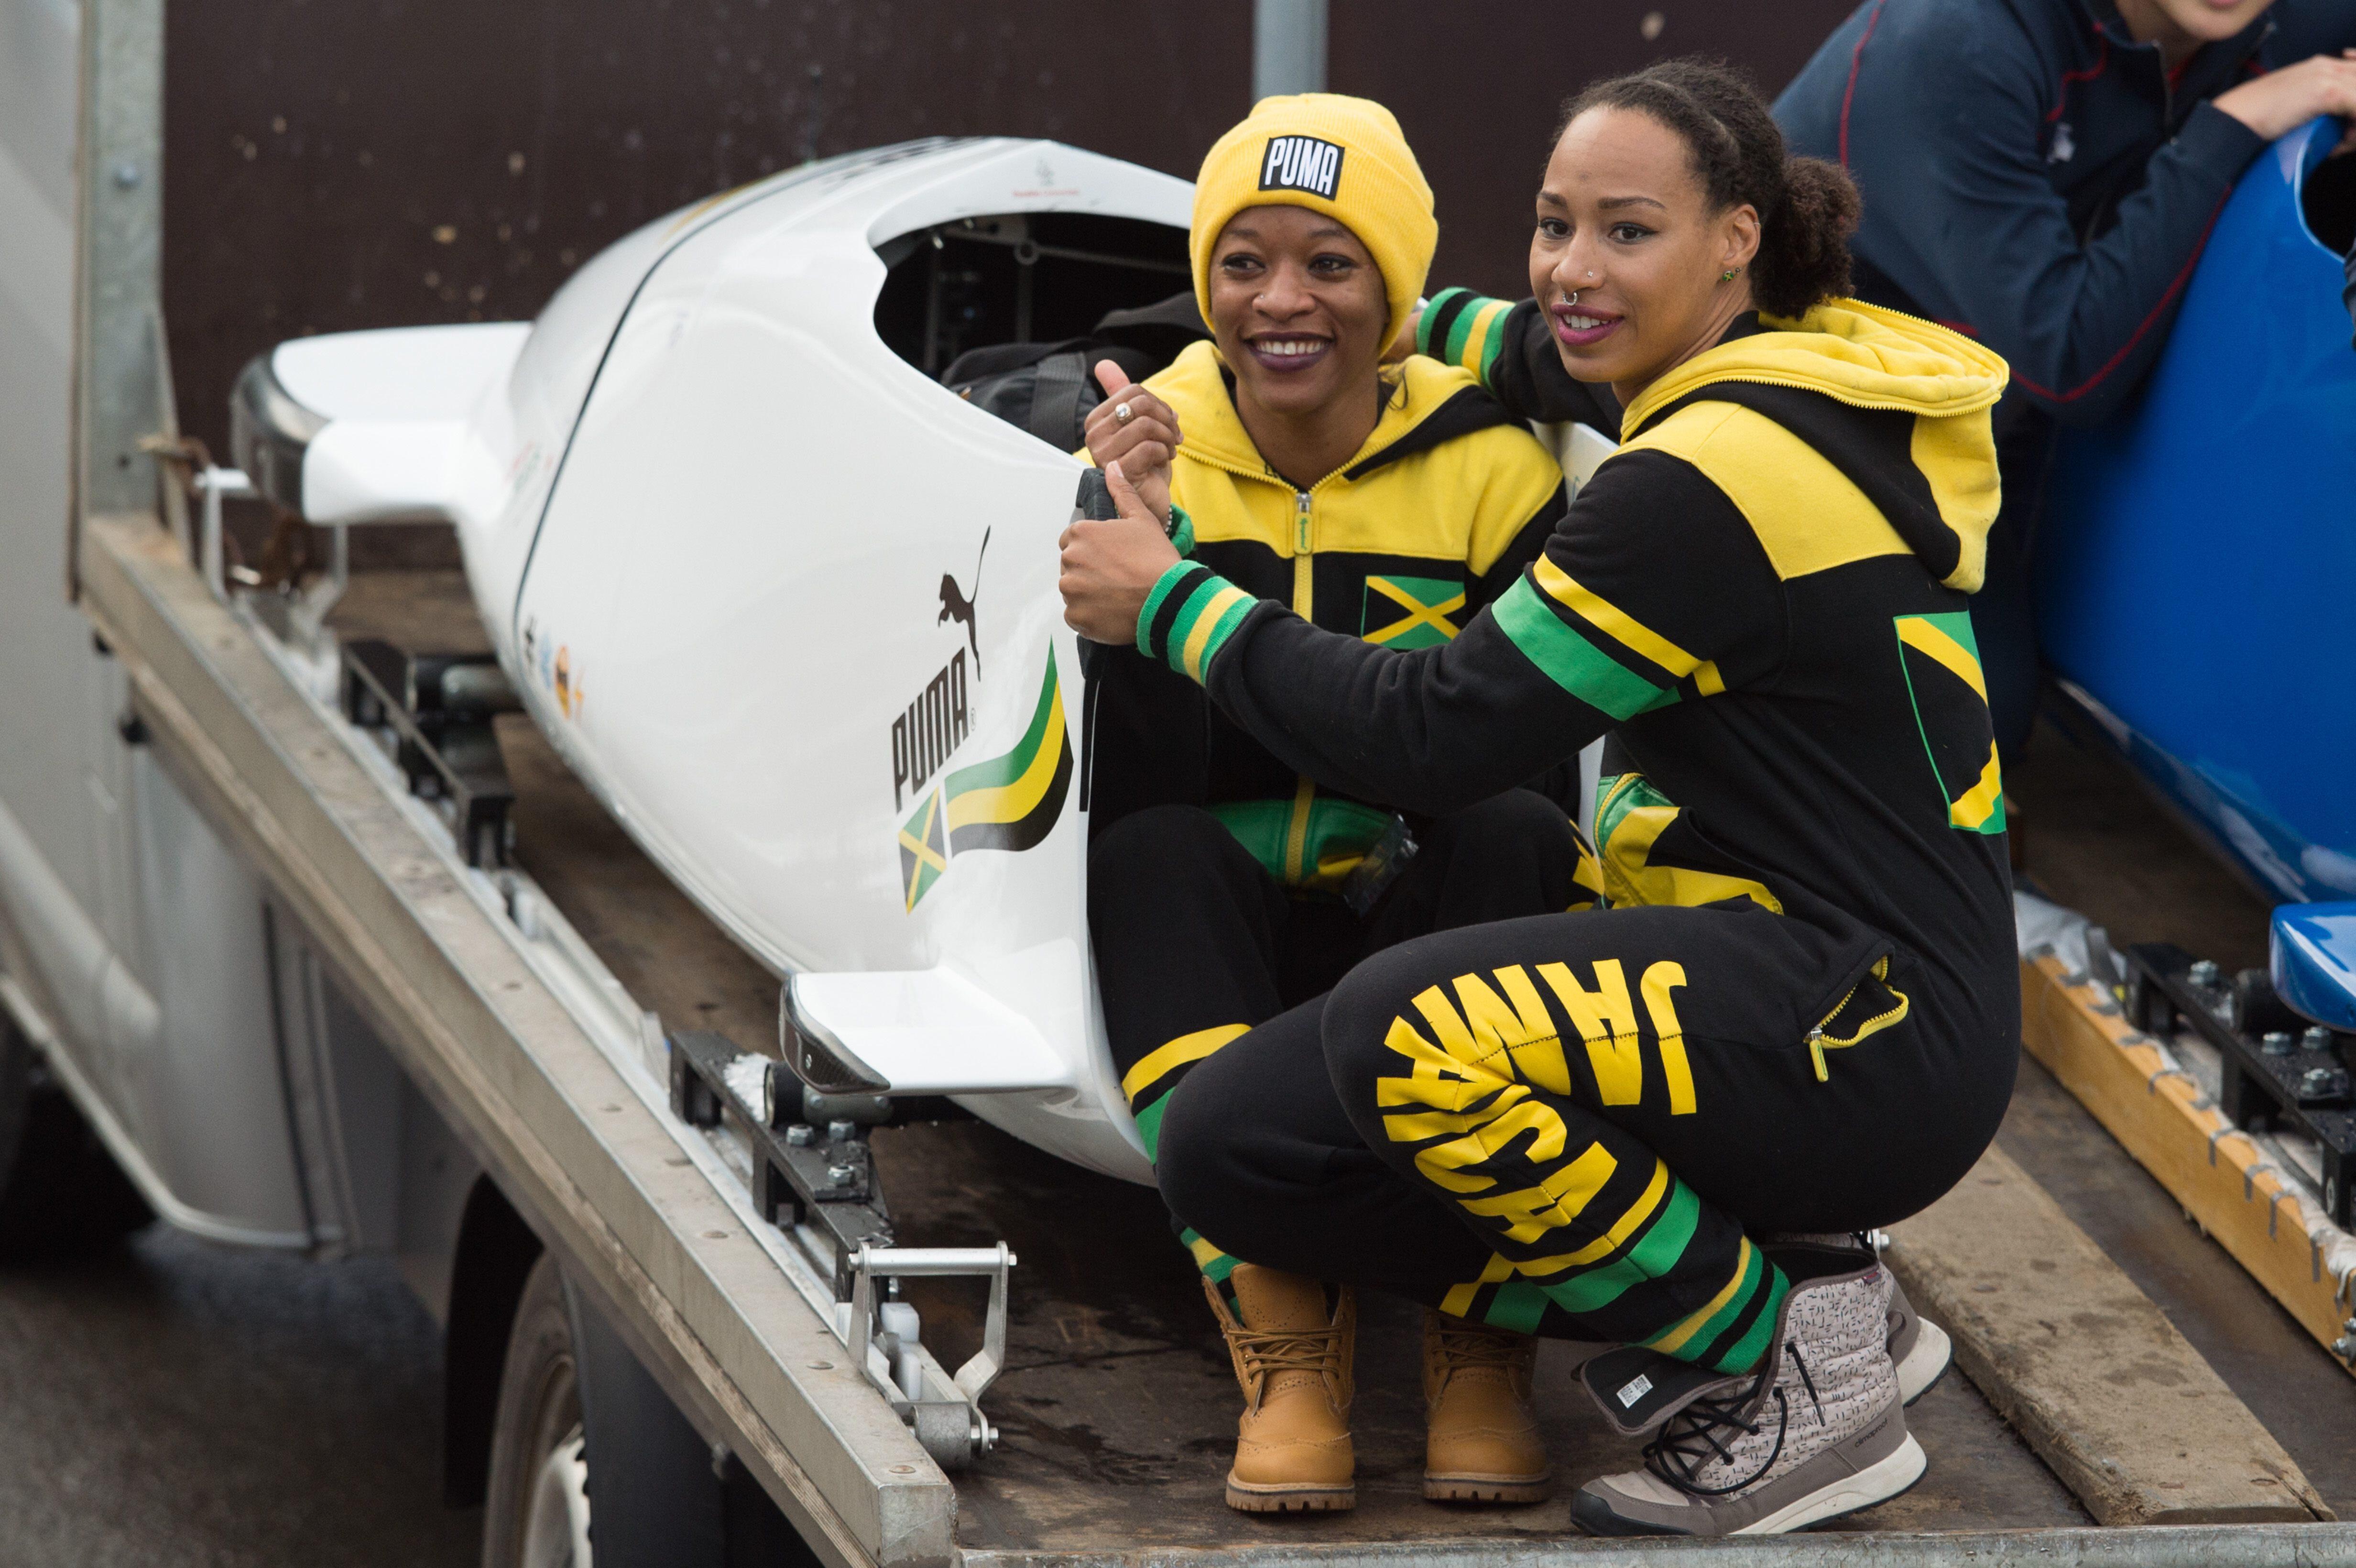 Bild zu Jamaika, Olympia, Olympische Spiele, Bob, Sandra Kiriasis